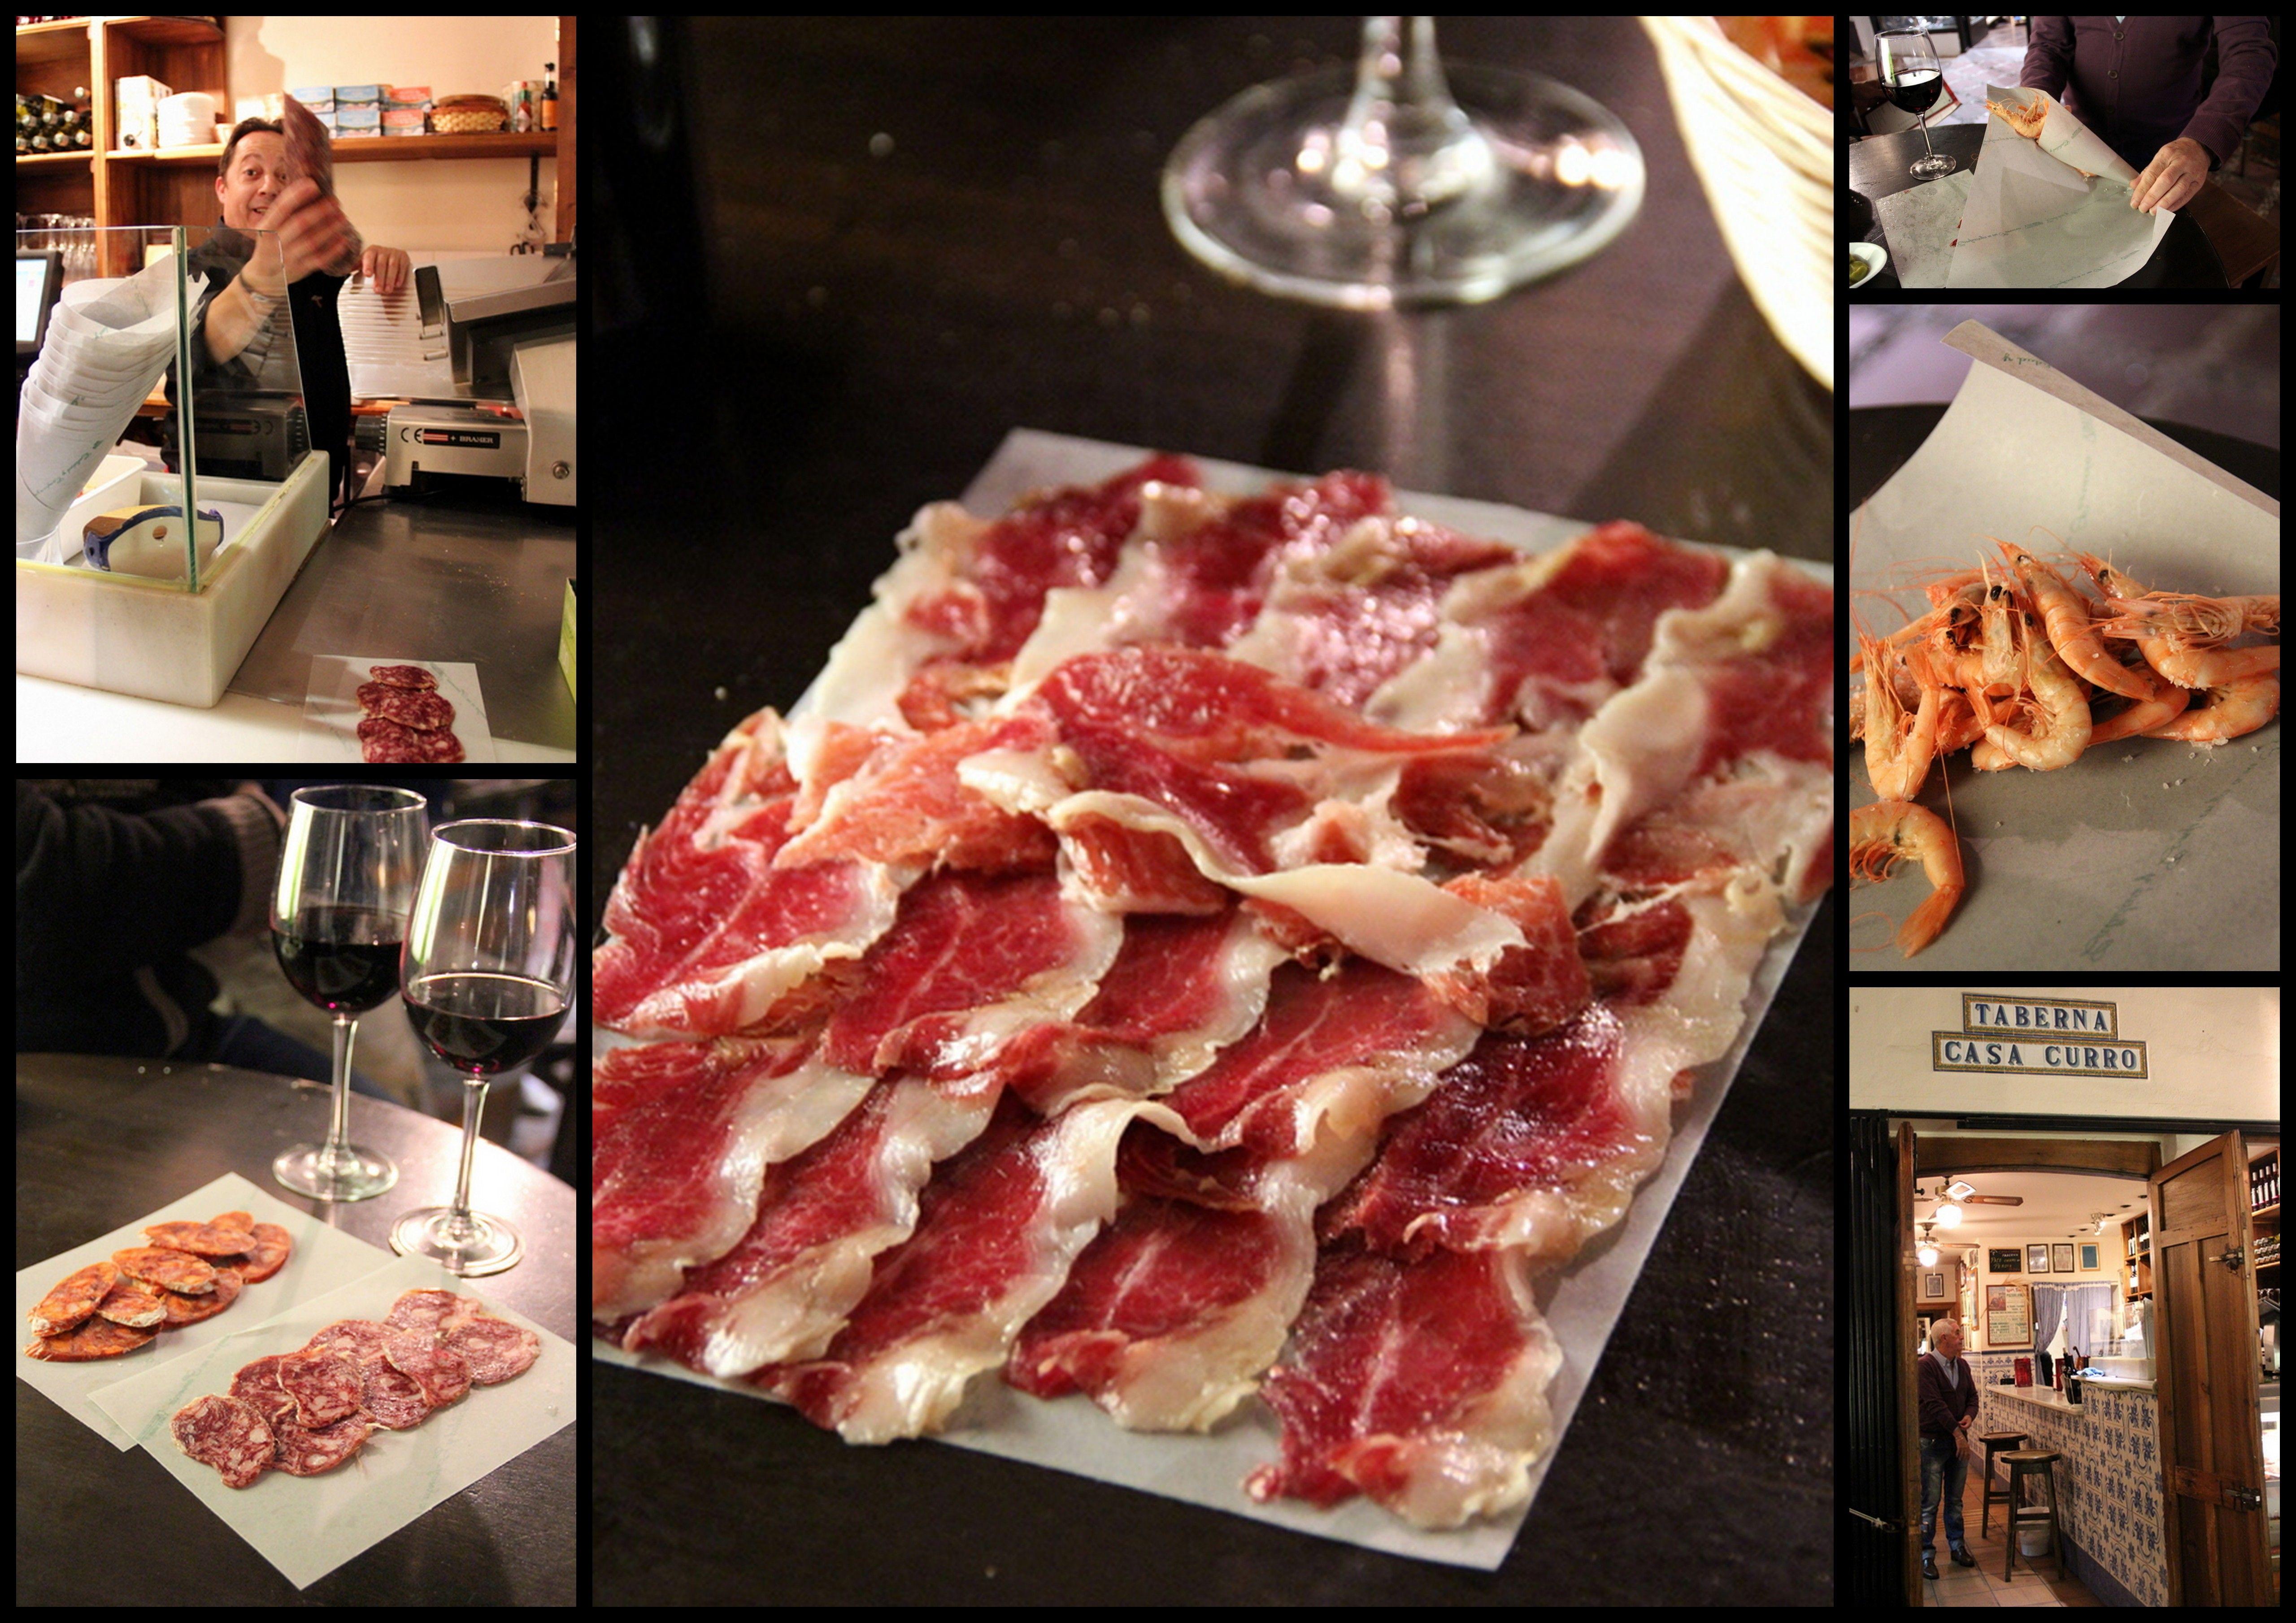 Taberna Casa Curro Marbella Spain Food Bacon Marbella